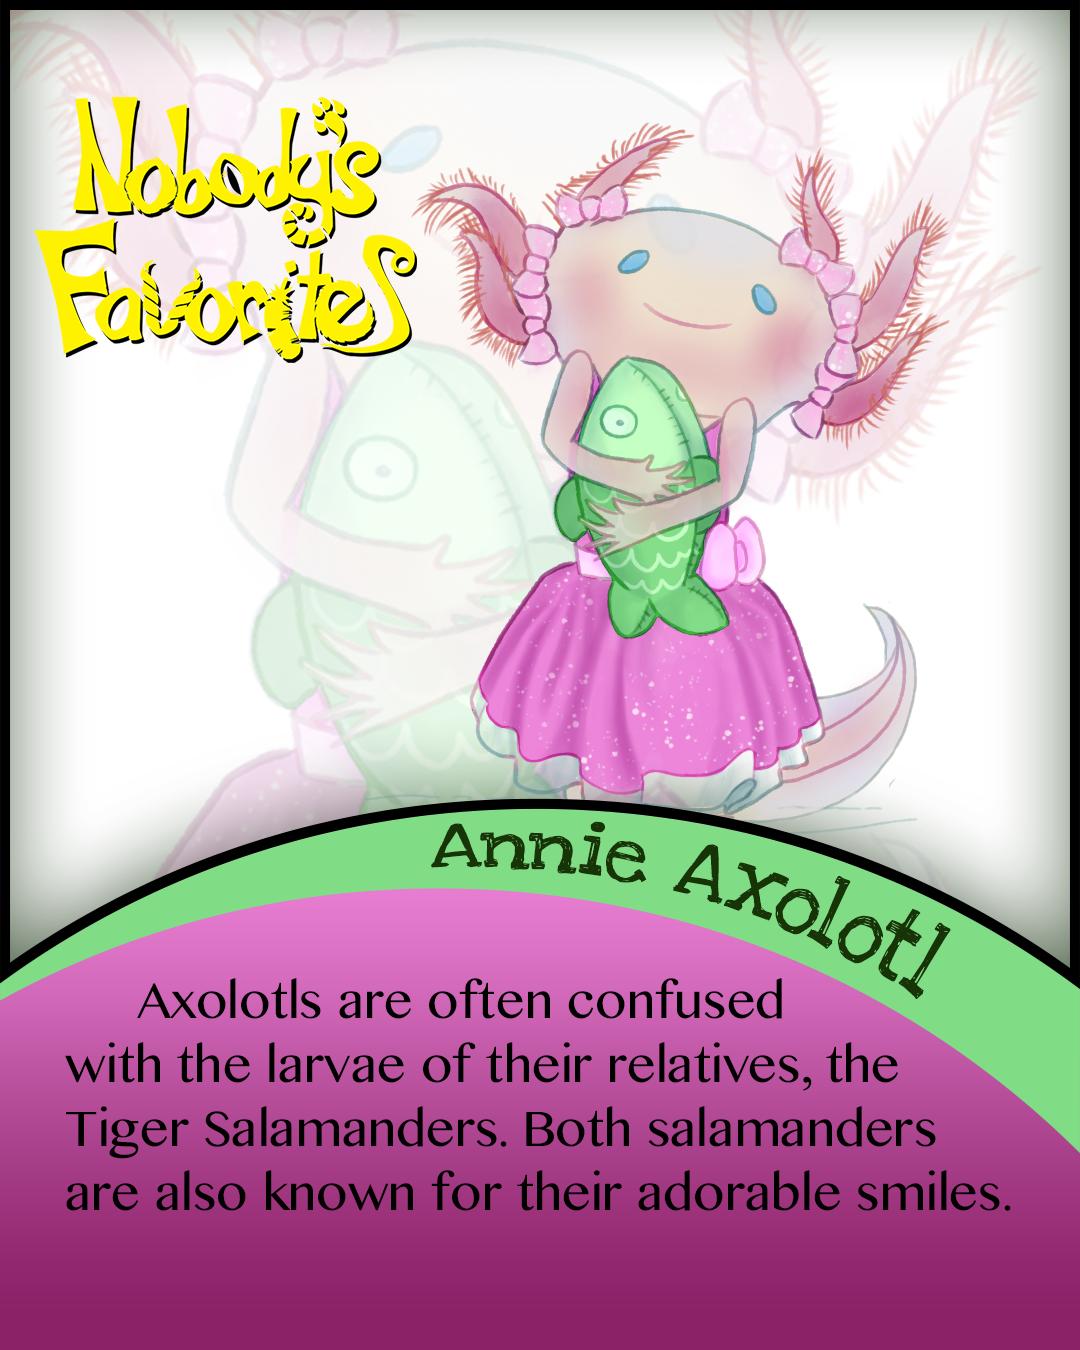 Annie Axolotl - Fact 1